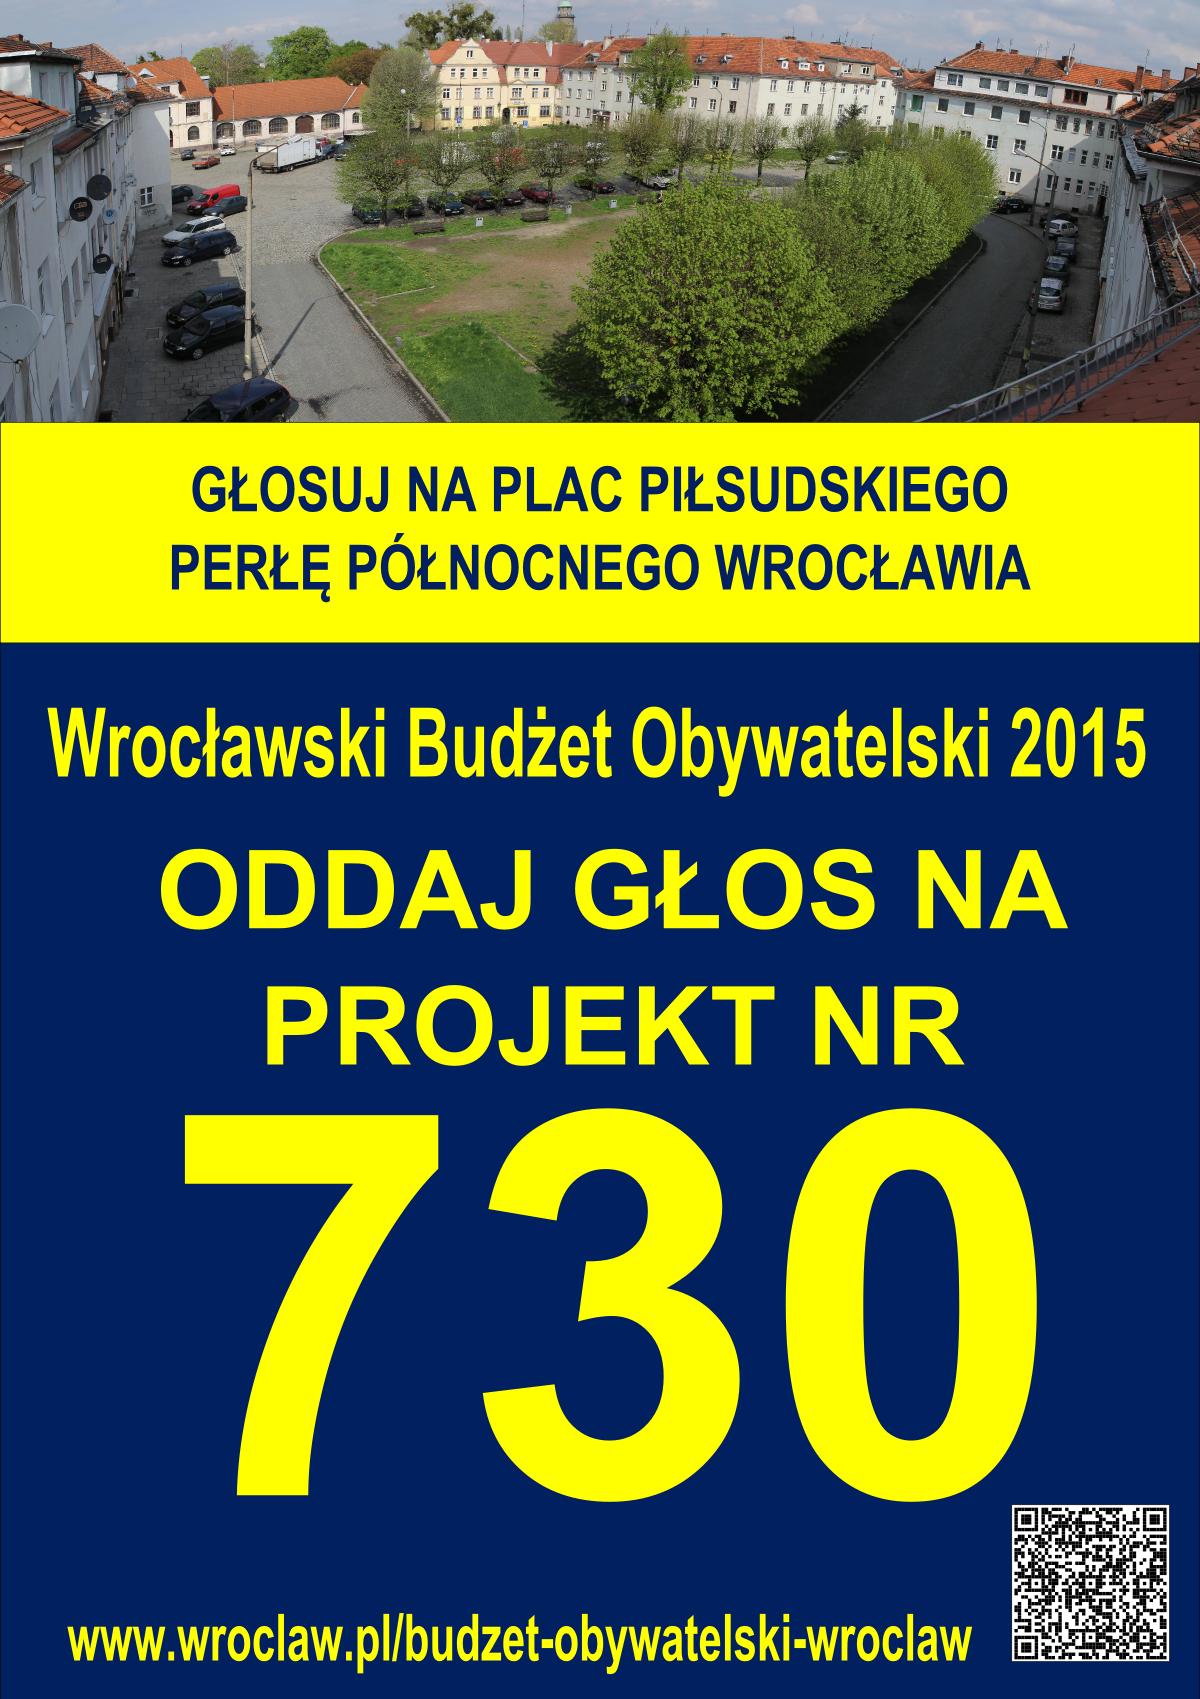 Wrocławski Budżet Obywatelski 2015